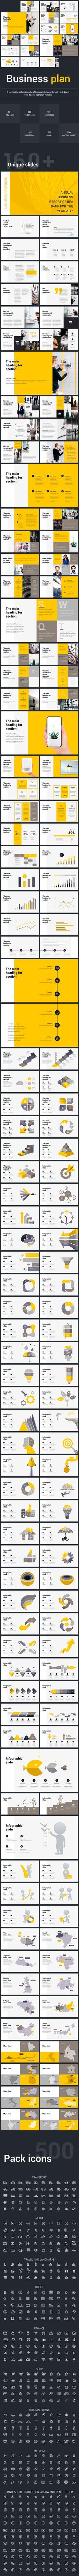 Business Plan Google Slide Template - Google Slides Presentation Templates